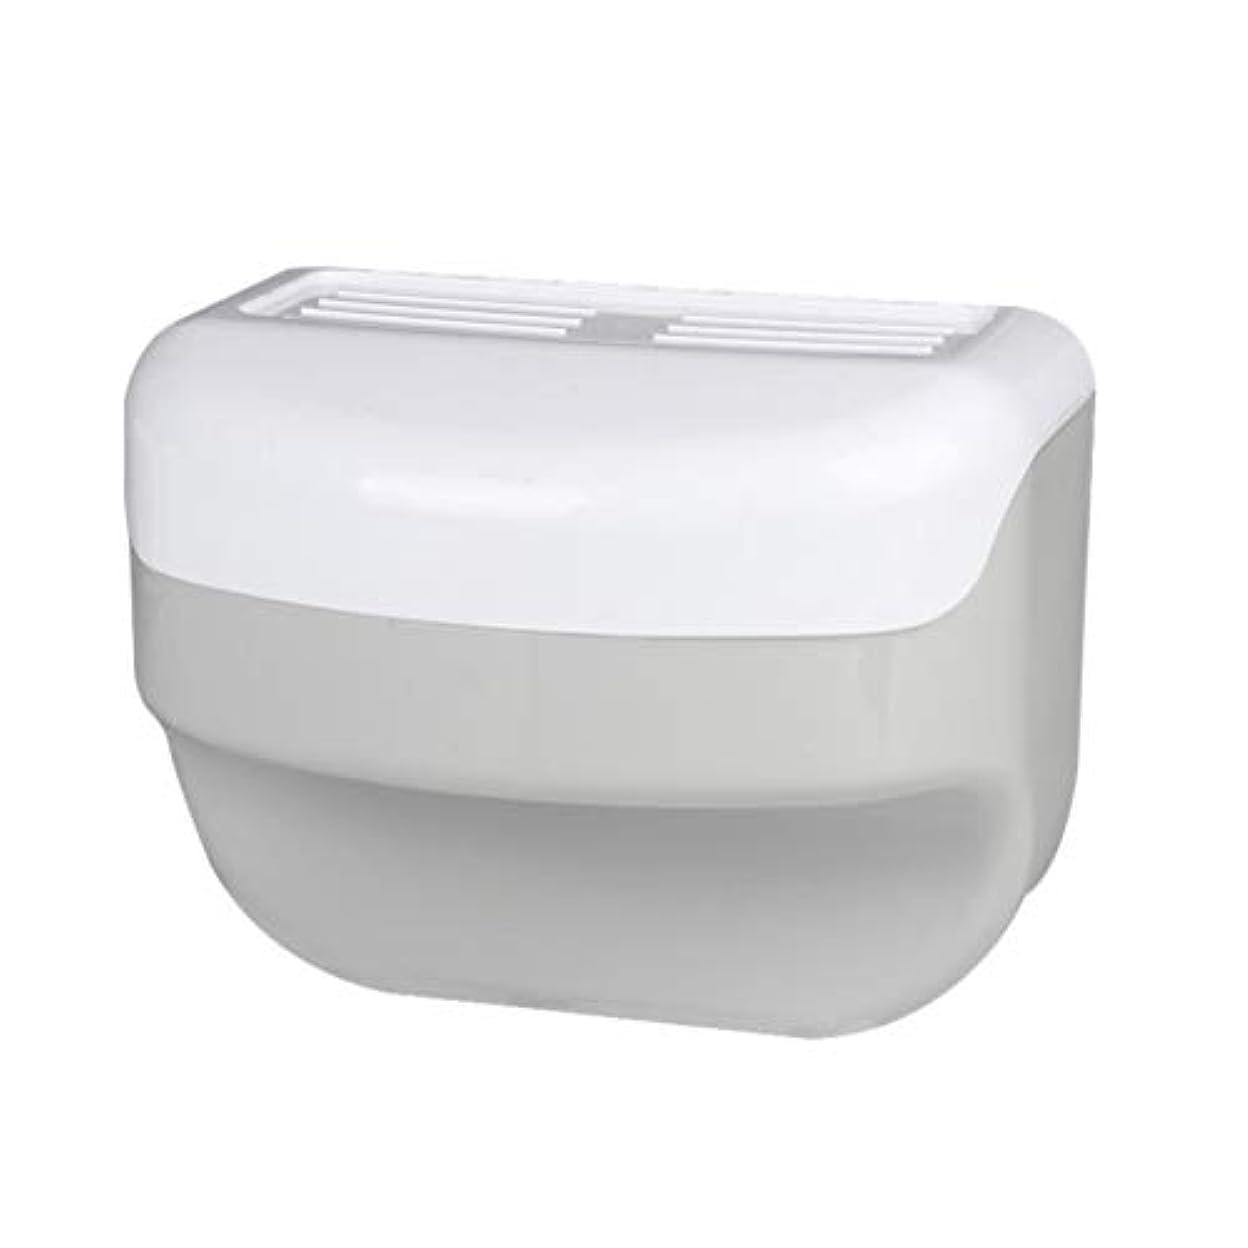 フィドルダーベビルのテスヘビTOPBATHY 浴室トイレティッシュボックスラック壁吸盤ロールホルダーフリー掘削ネイルフリーティッシュボックス